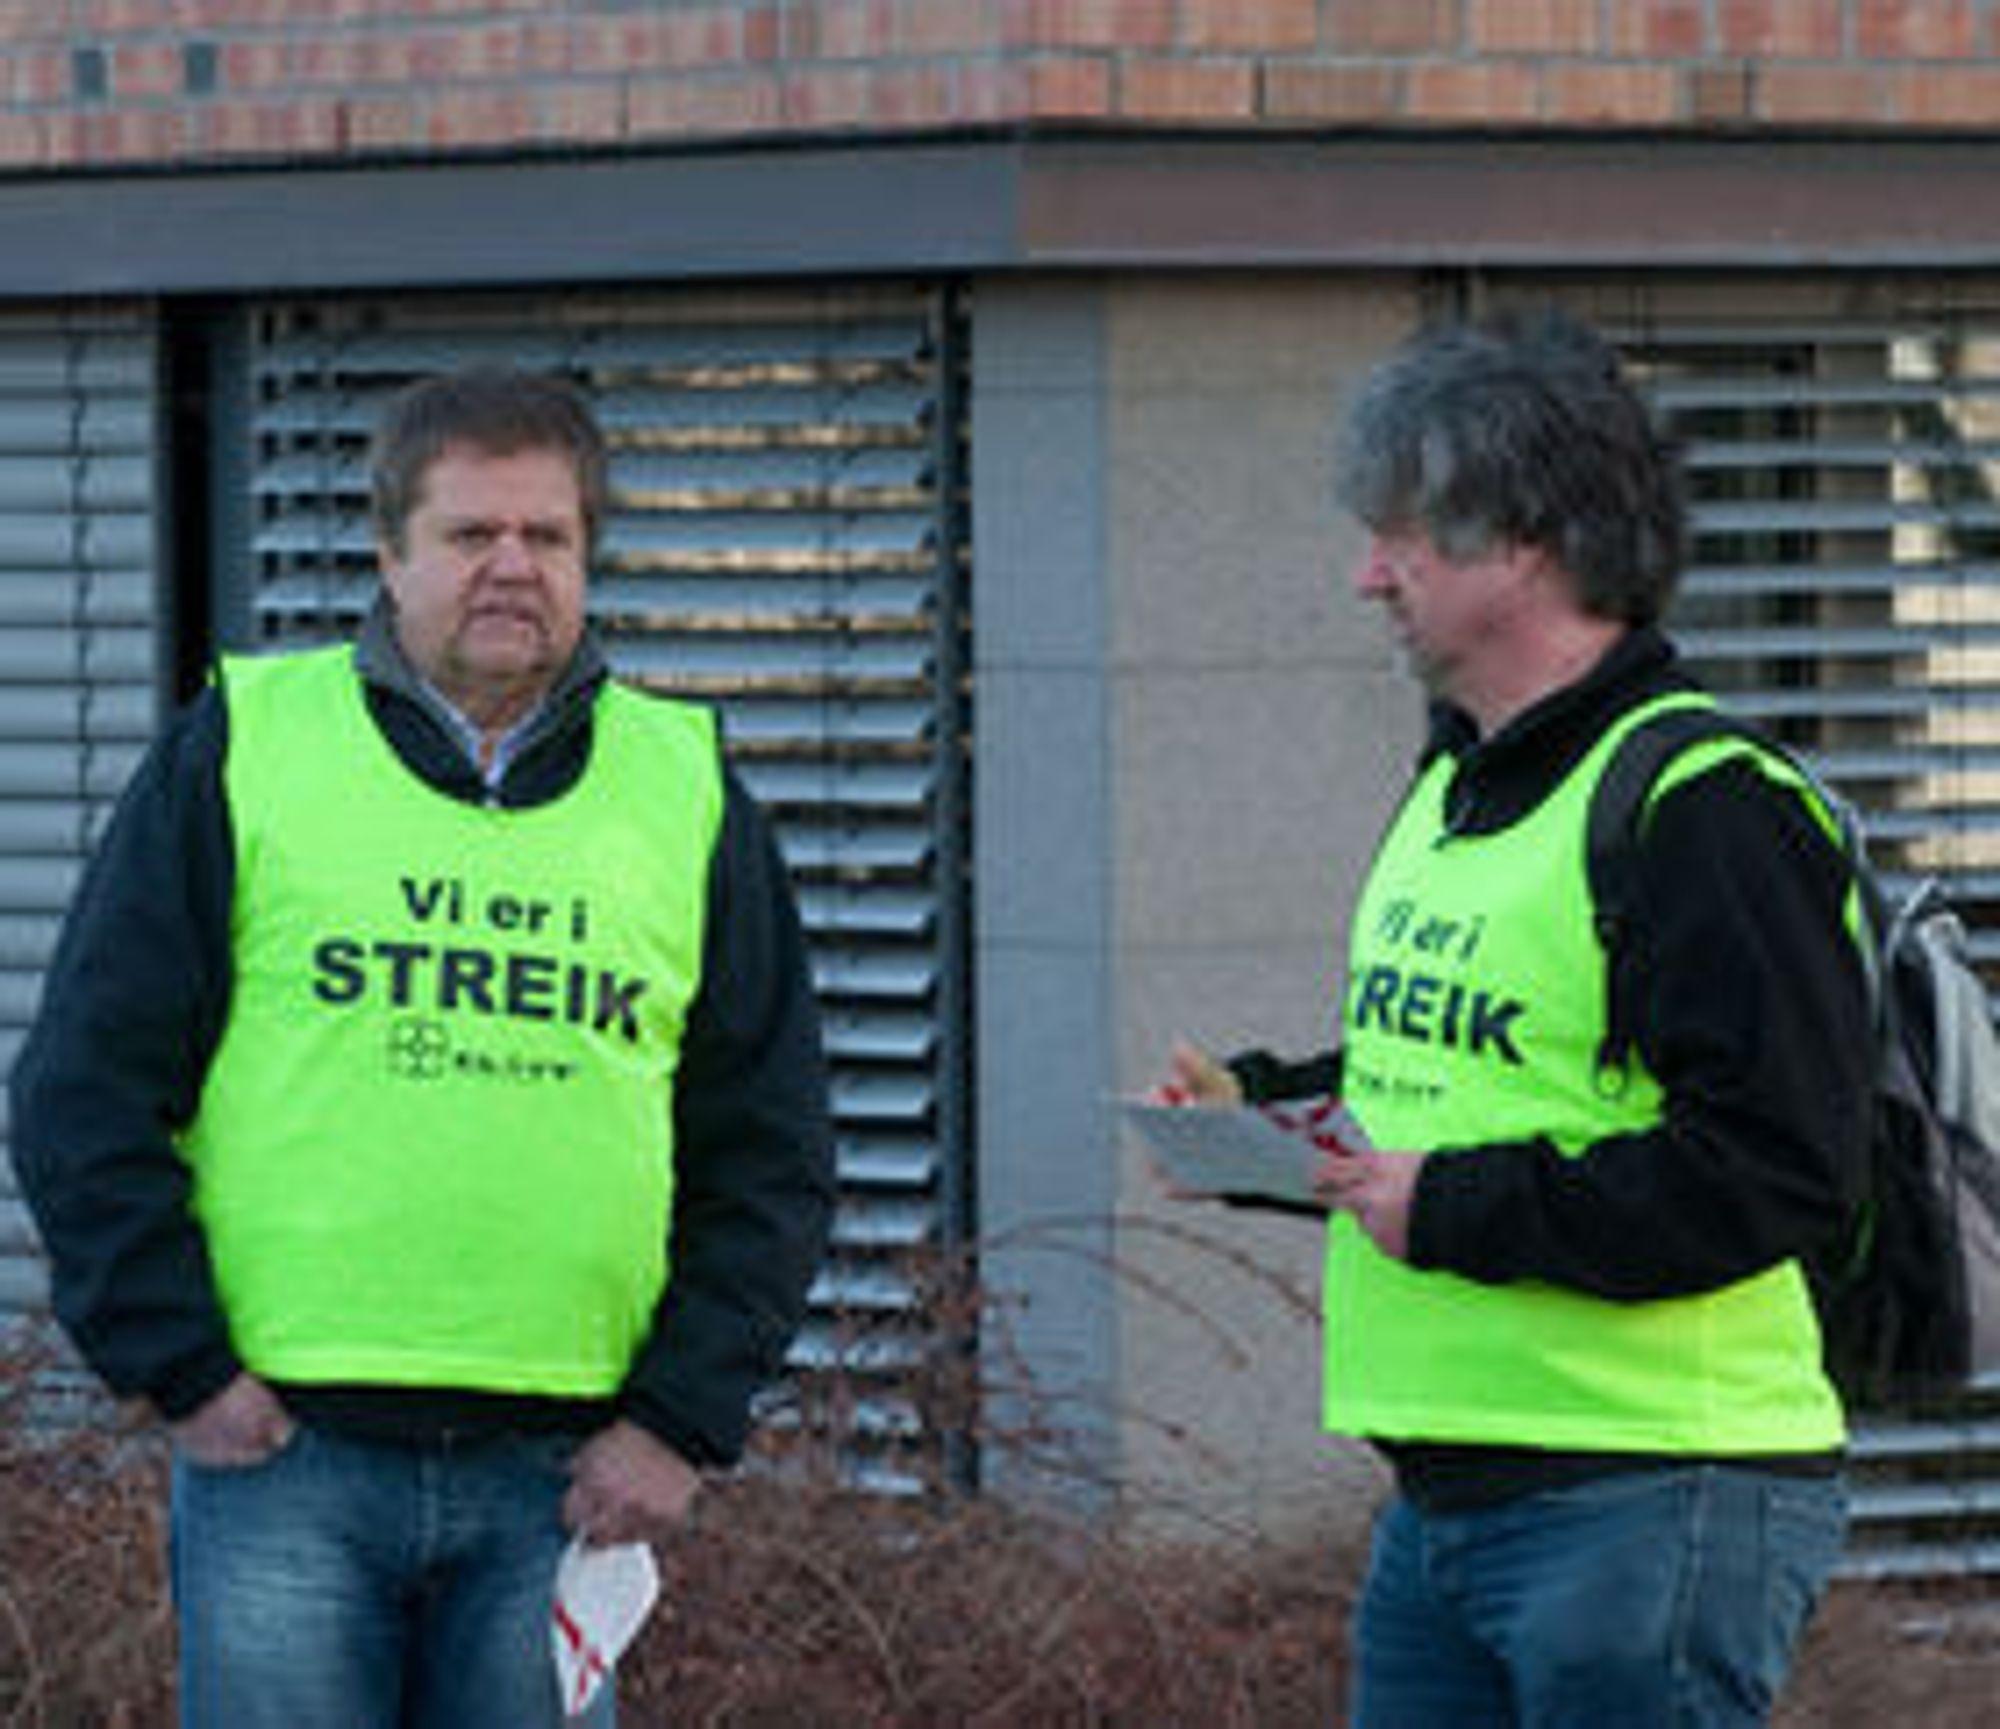 En småfrossen nestleder Fred Antonsen (til v.) i El & IT Forbundets klubb Atea delte tirsdag ut løpesedler for å informere om hvorfor de streiker.